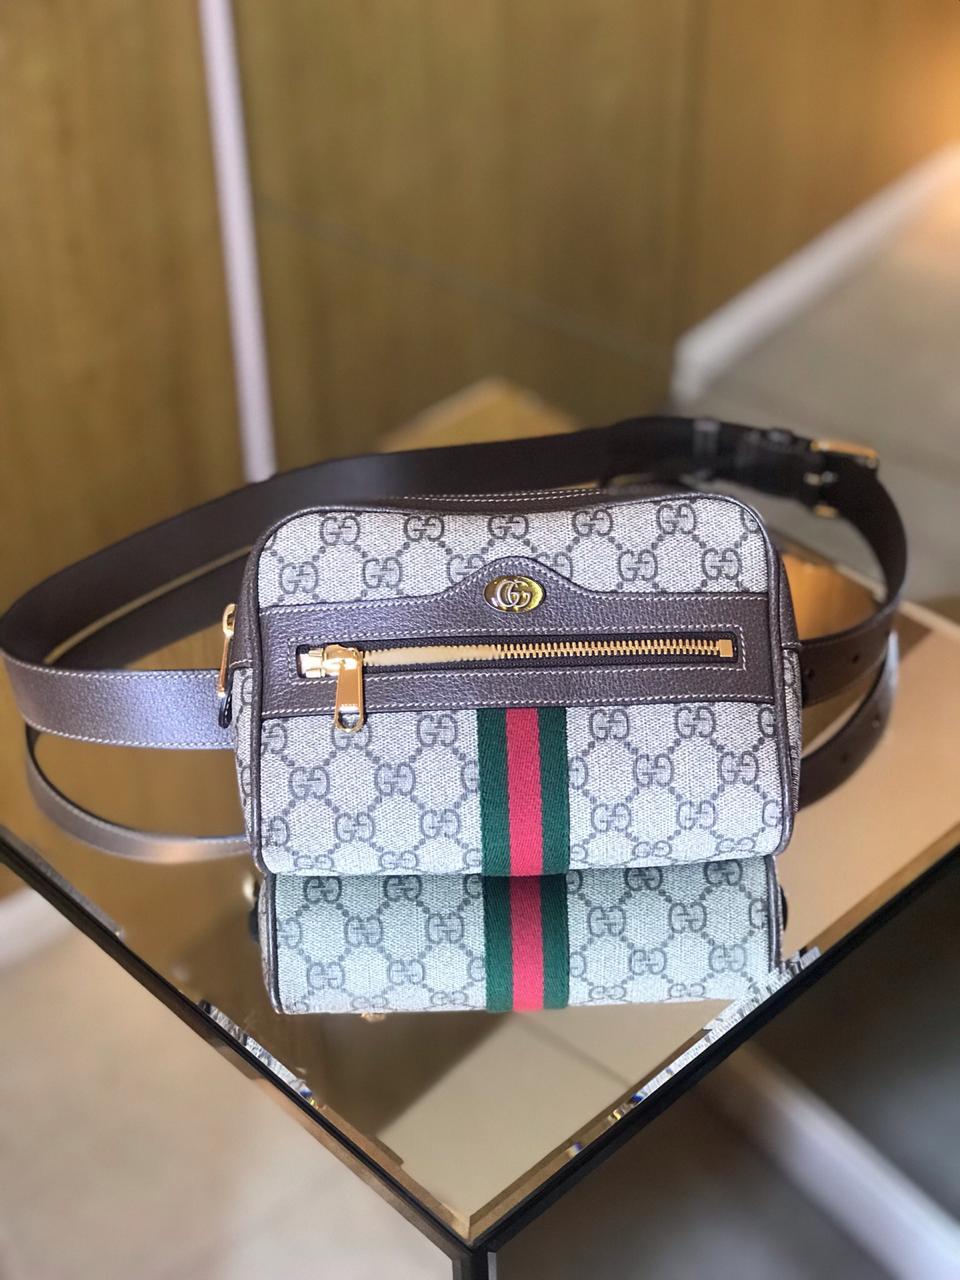 011d9aeef Pochete Gucci Monograma - Paula Frank | Bolsas de luxo originais ...